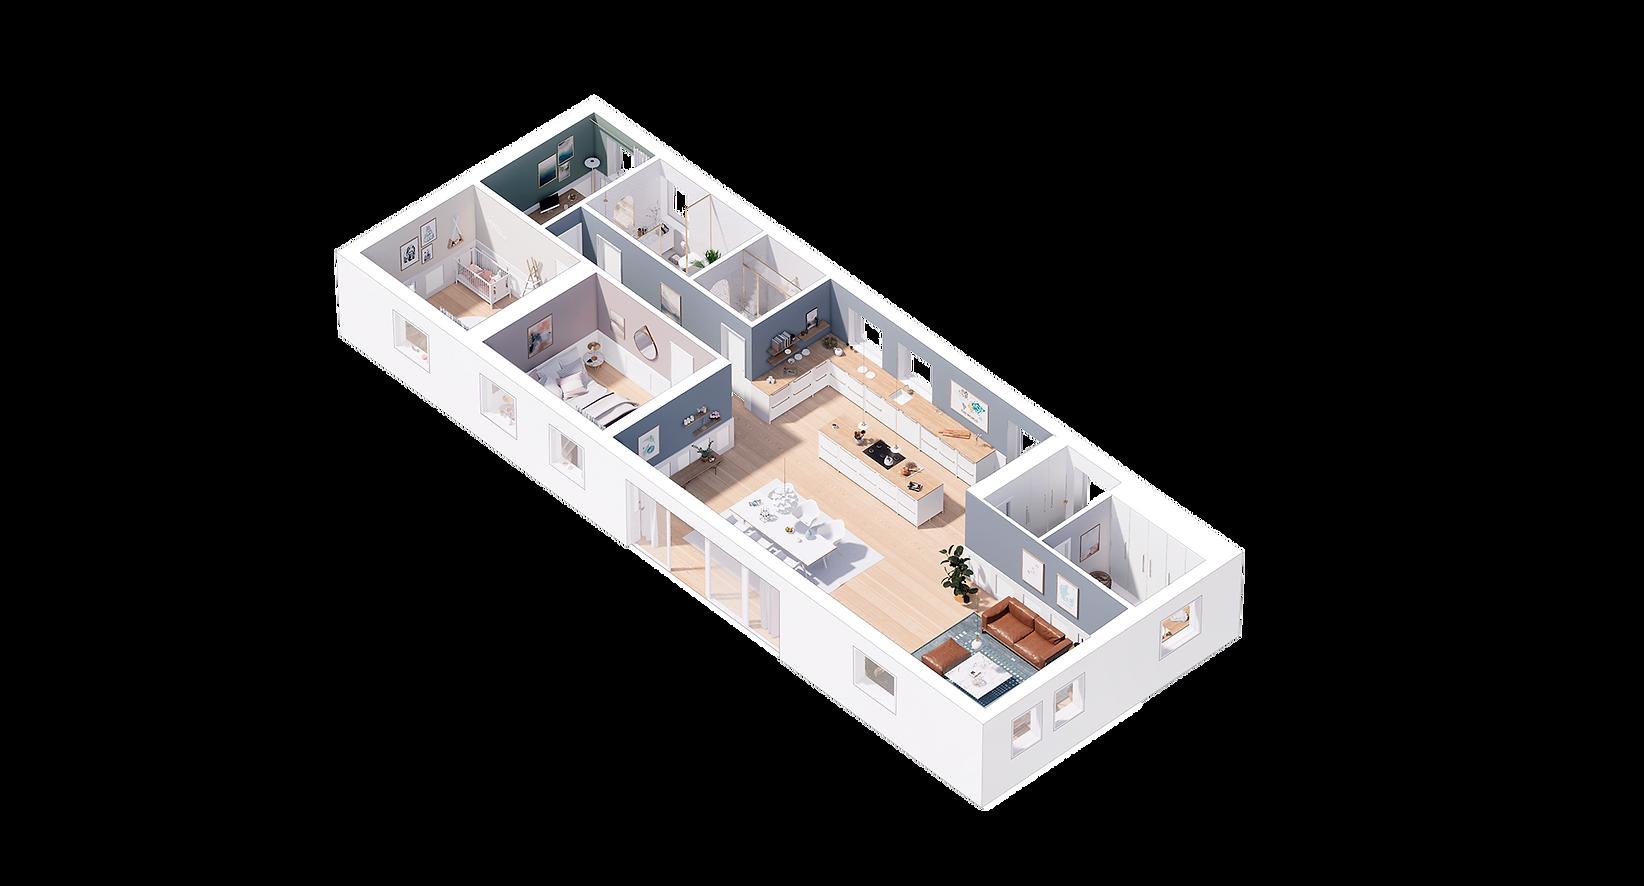 aksonometris tegning af bolig med integrere med tegn mit hus salg af bolig virtual reality